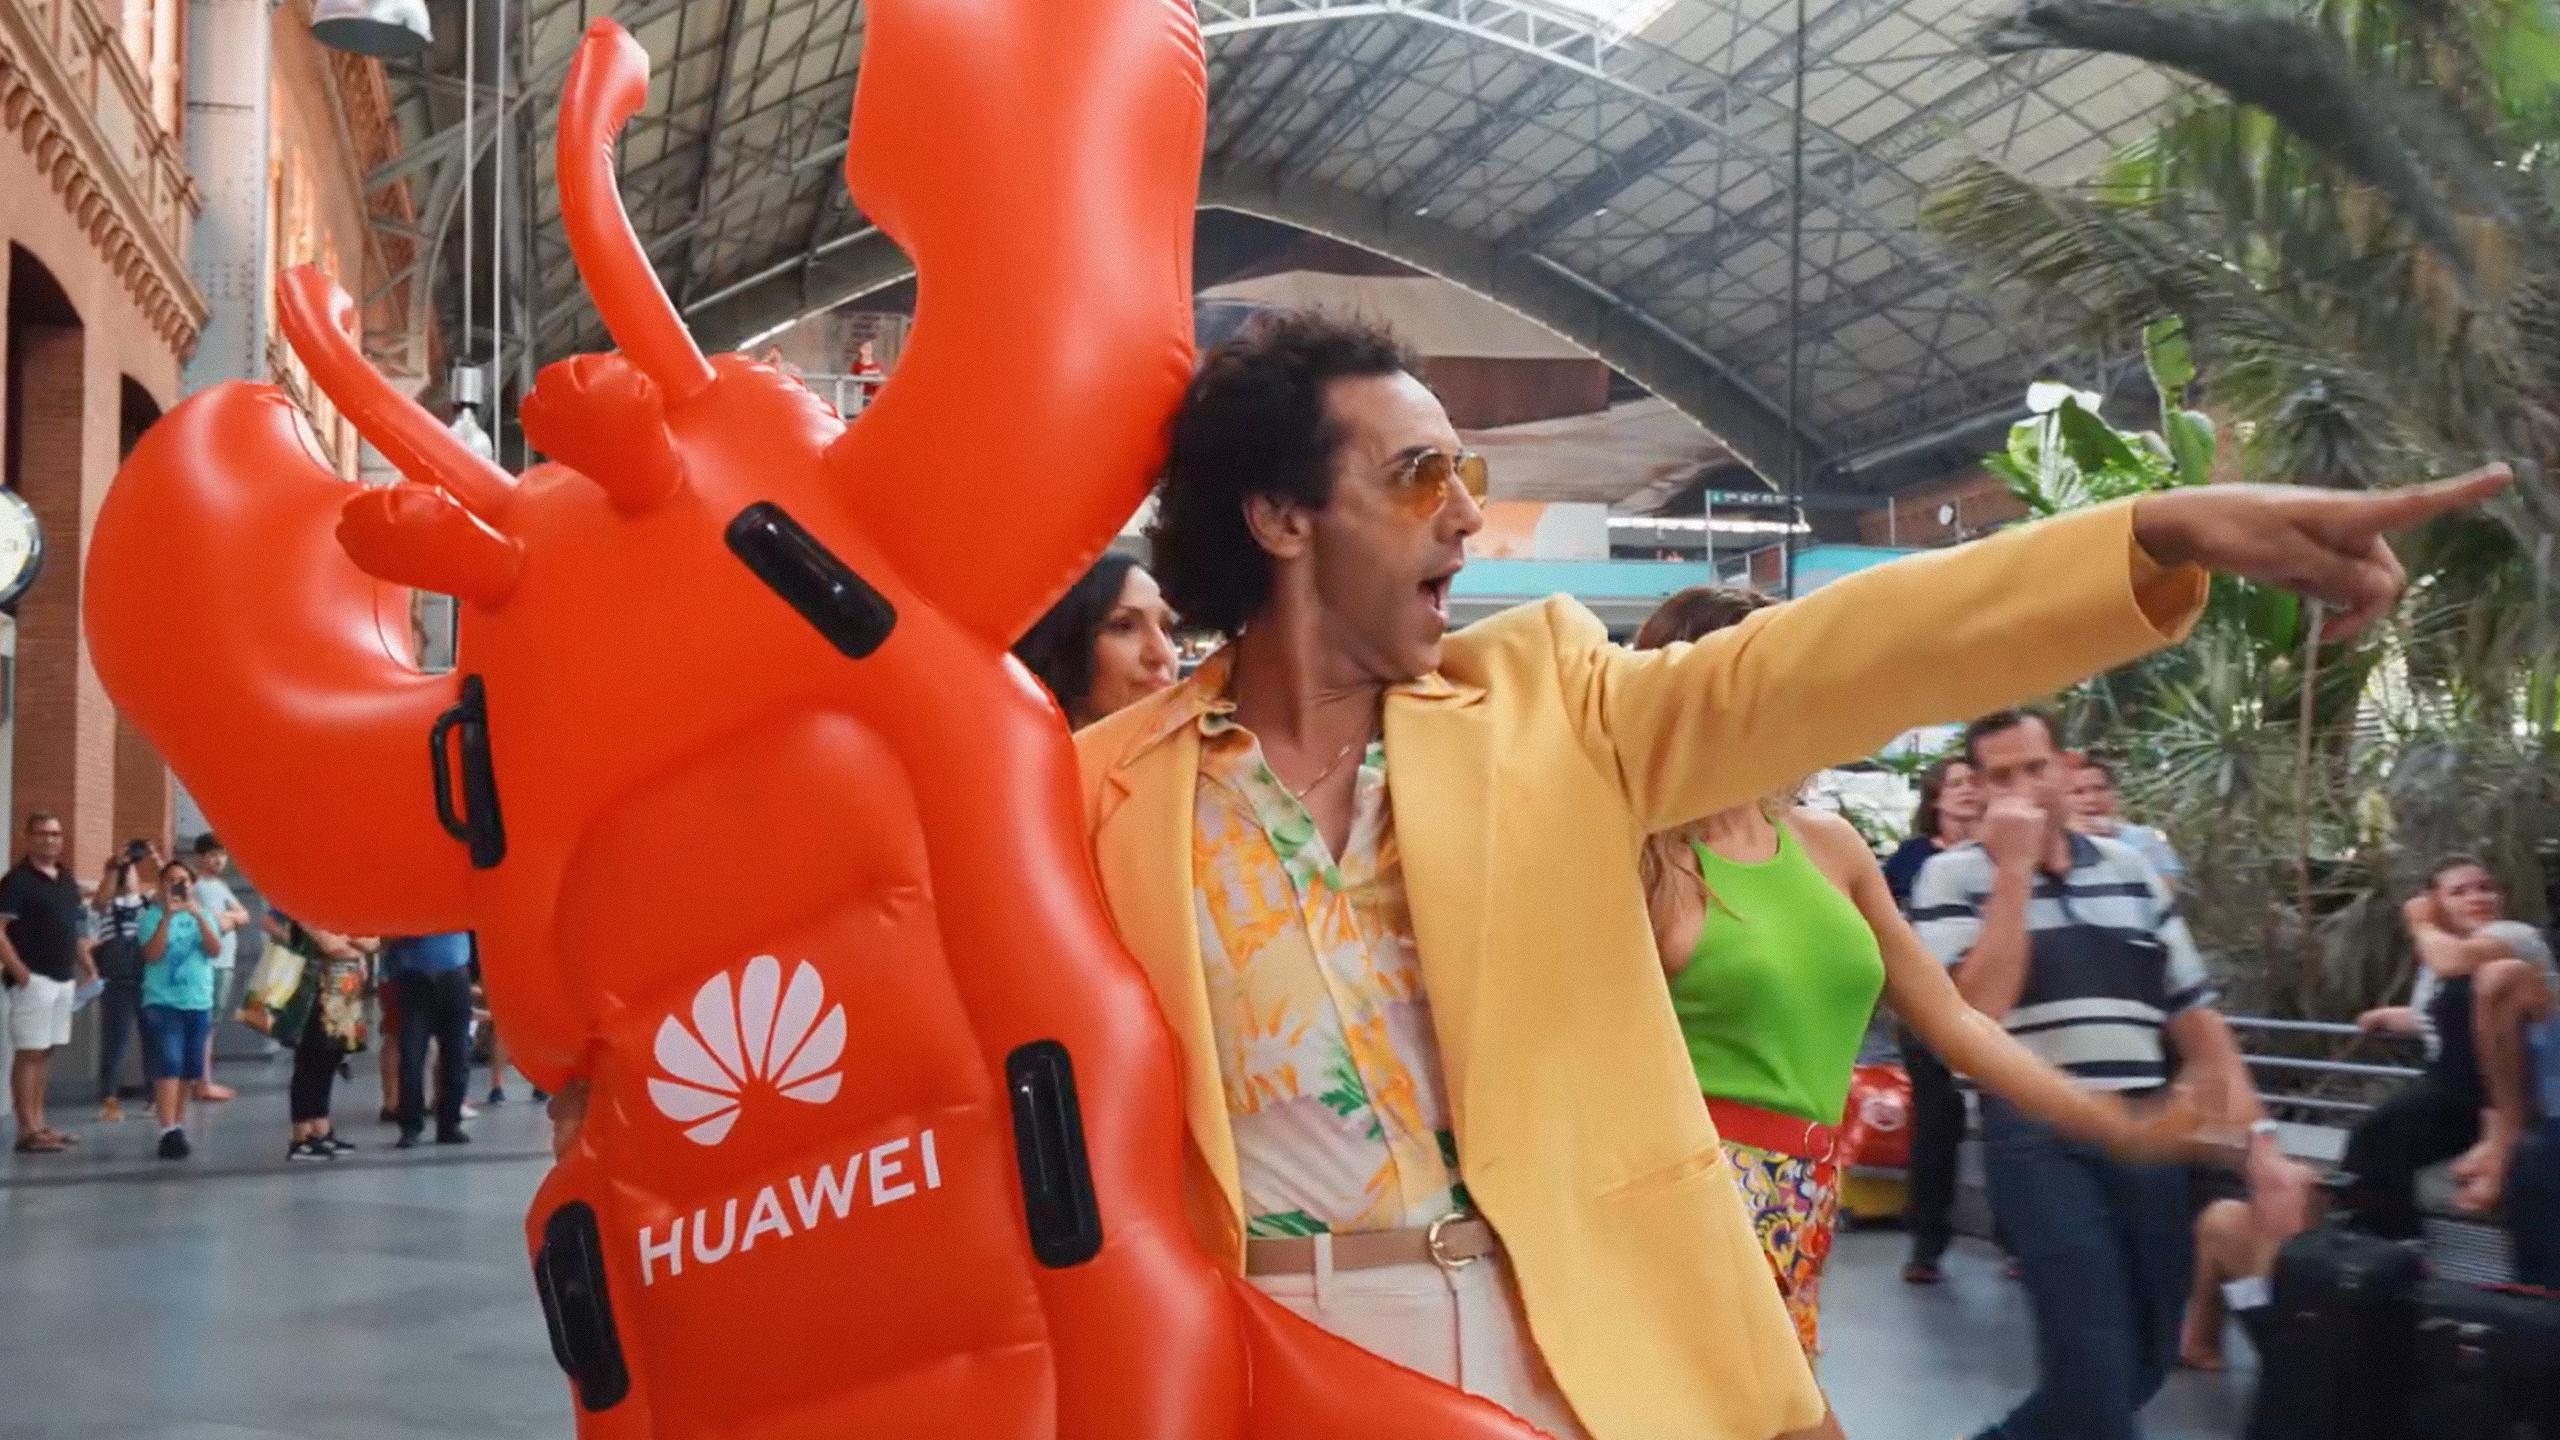 Huawei sorprende a los viajeros de Atocha con un flashmob